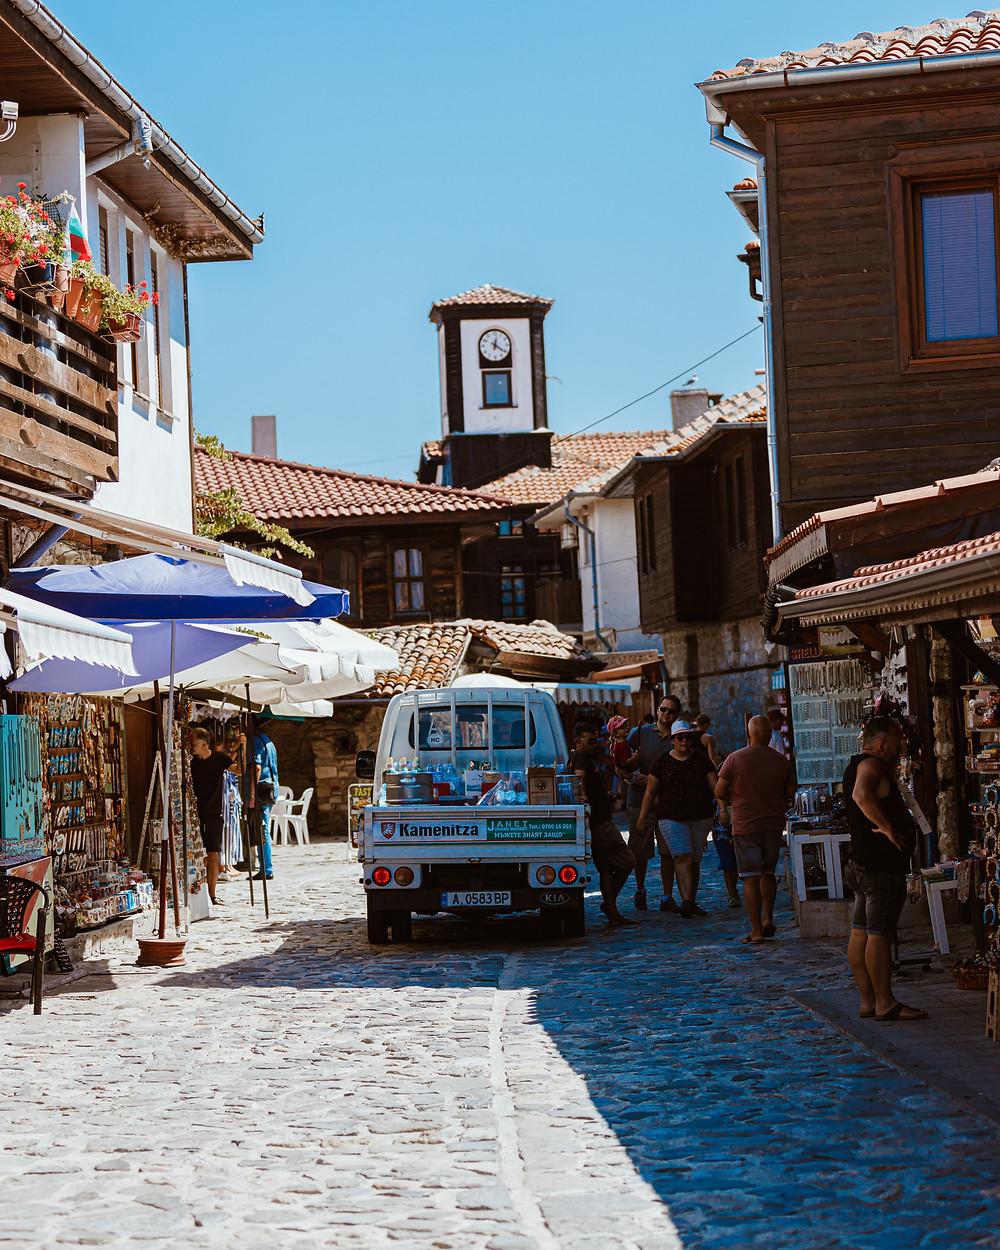 העיירה נסבר בבולגריה